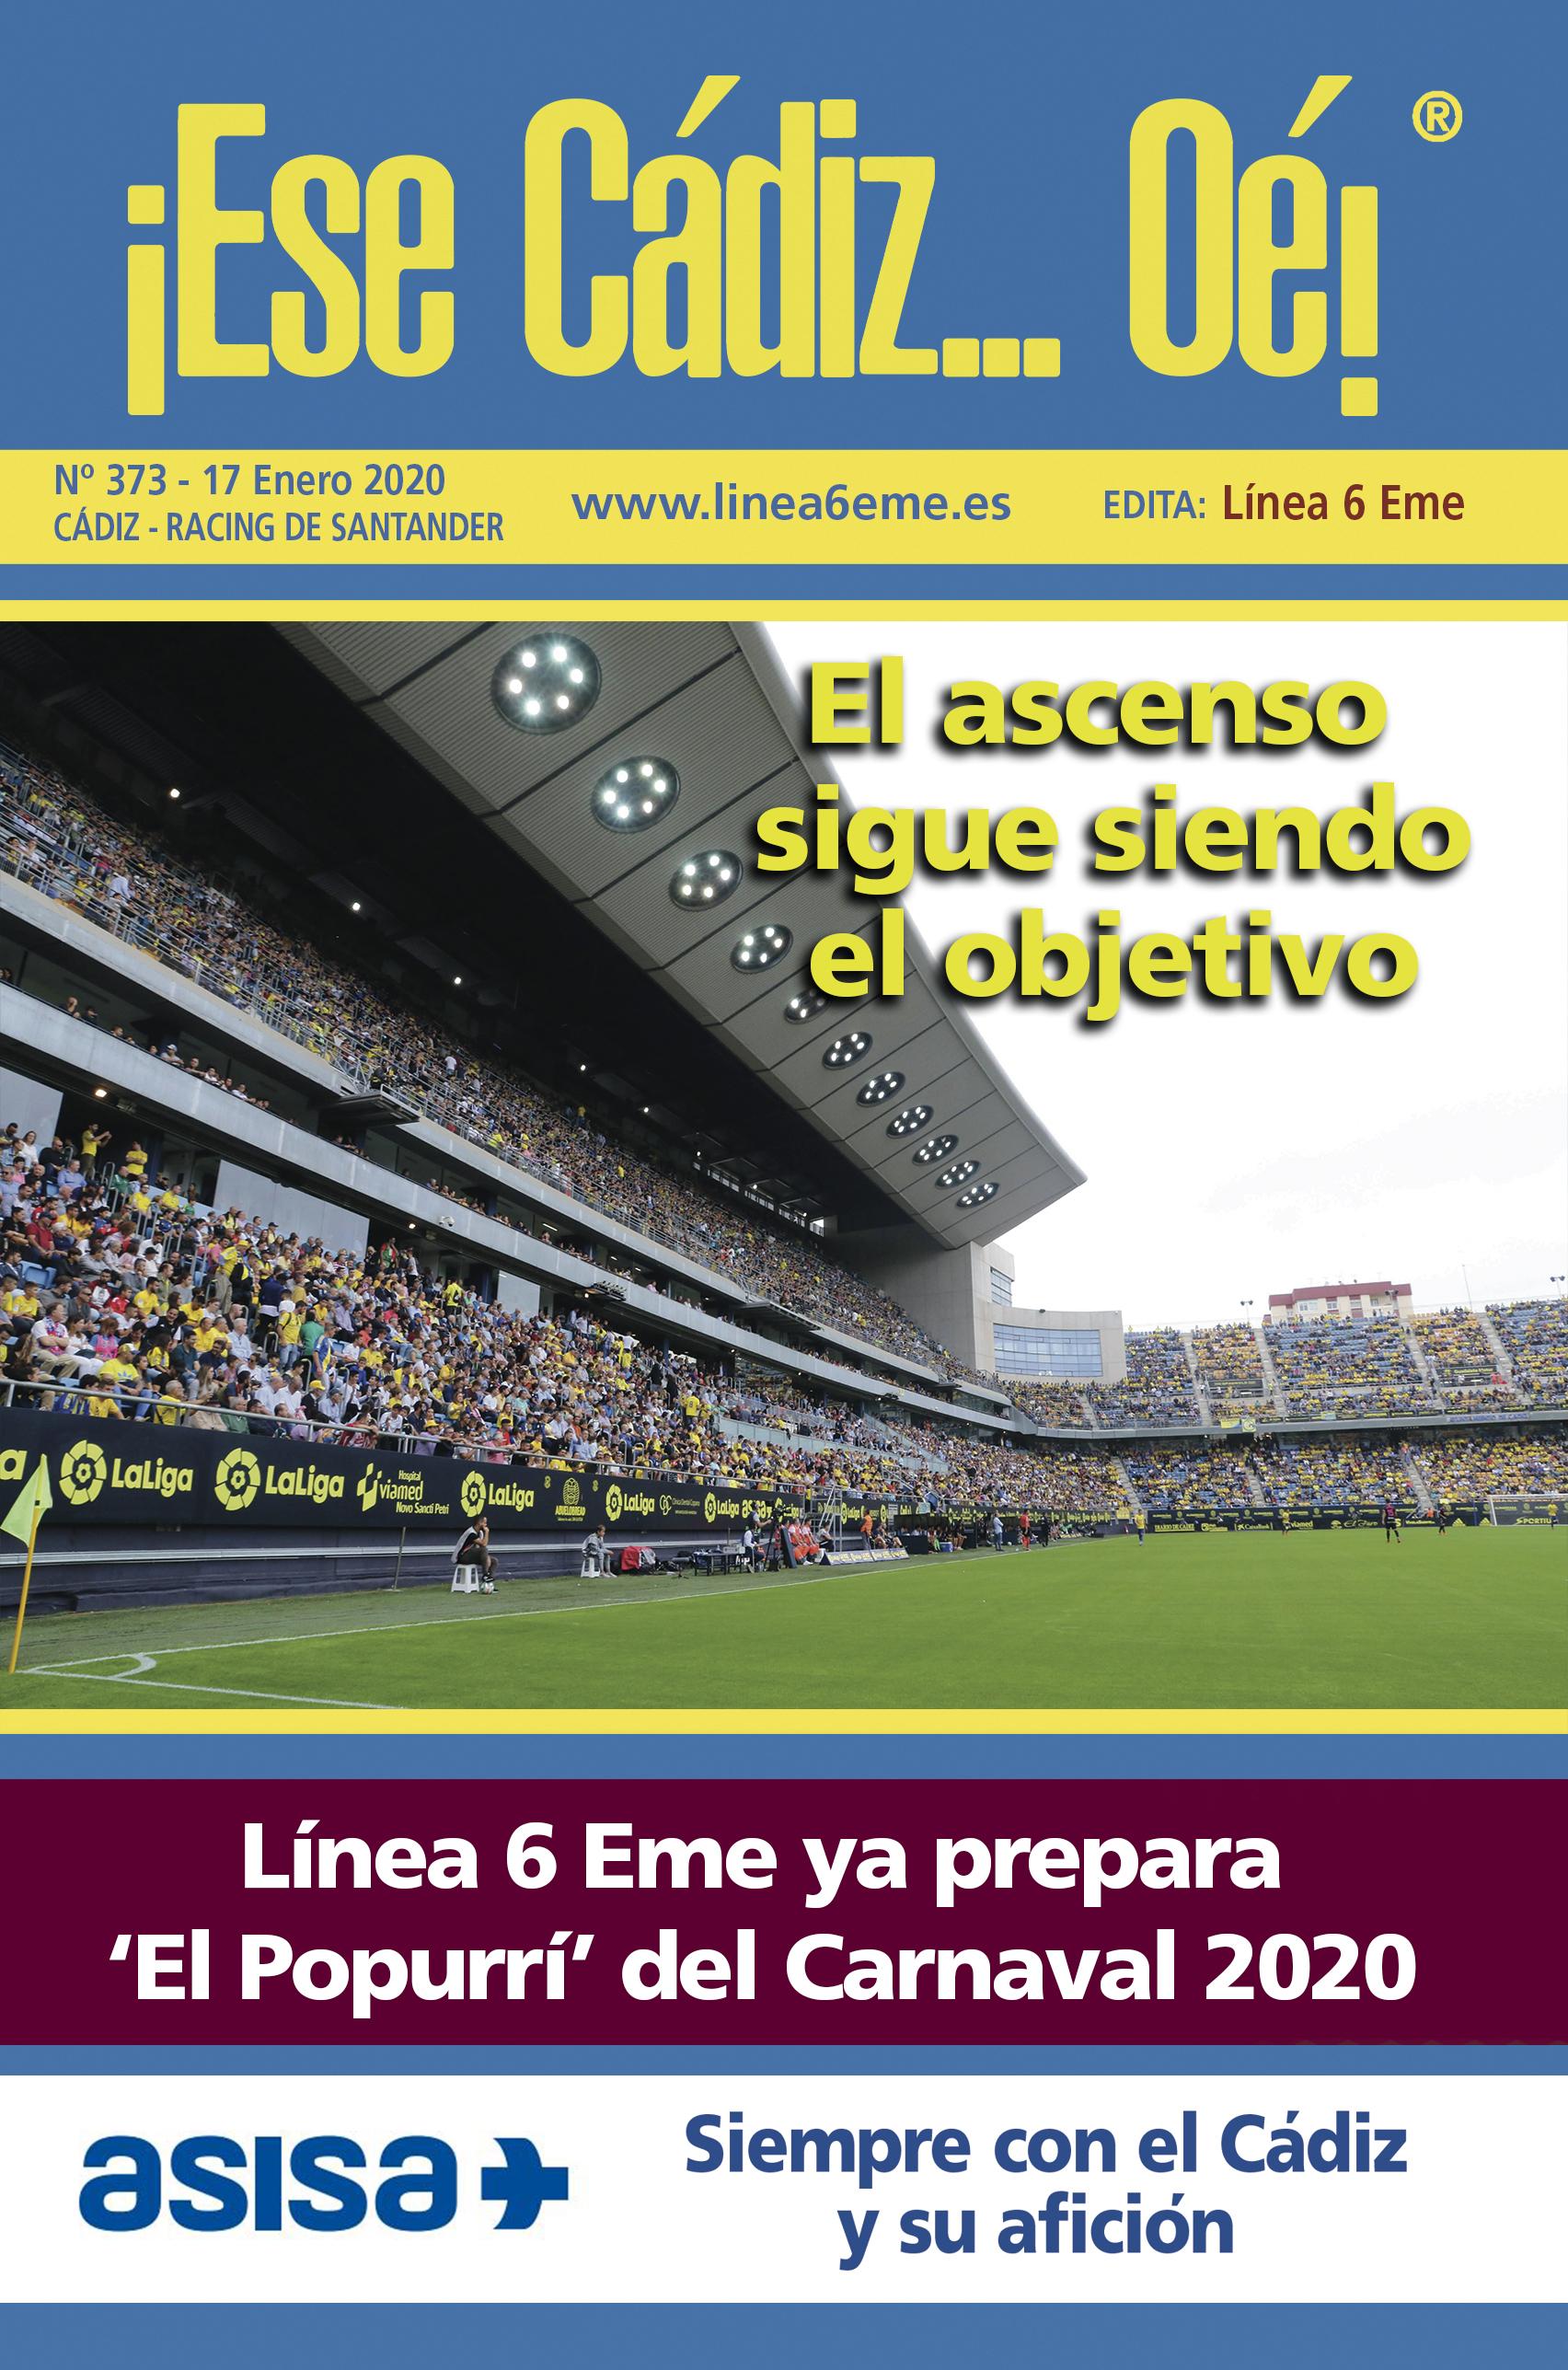 ¡Ese Cádiz…Oé! núm. 373 Temporada 2019/20